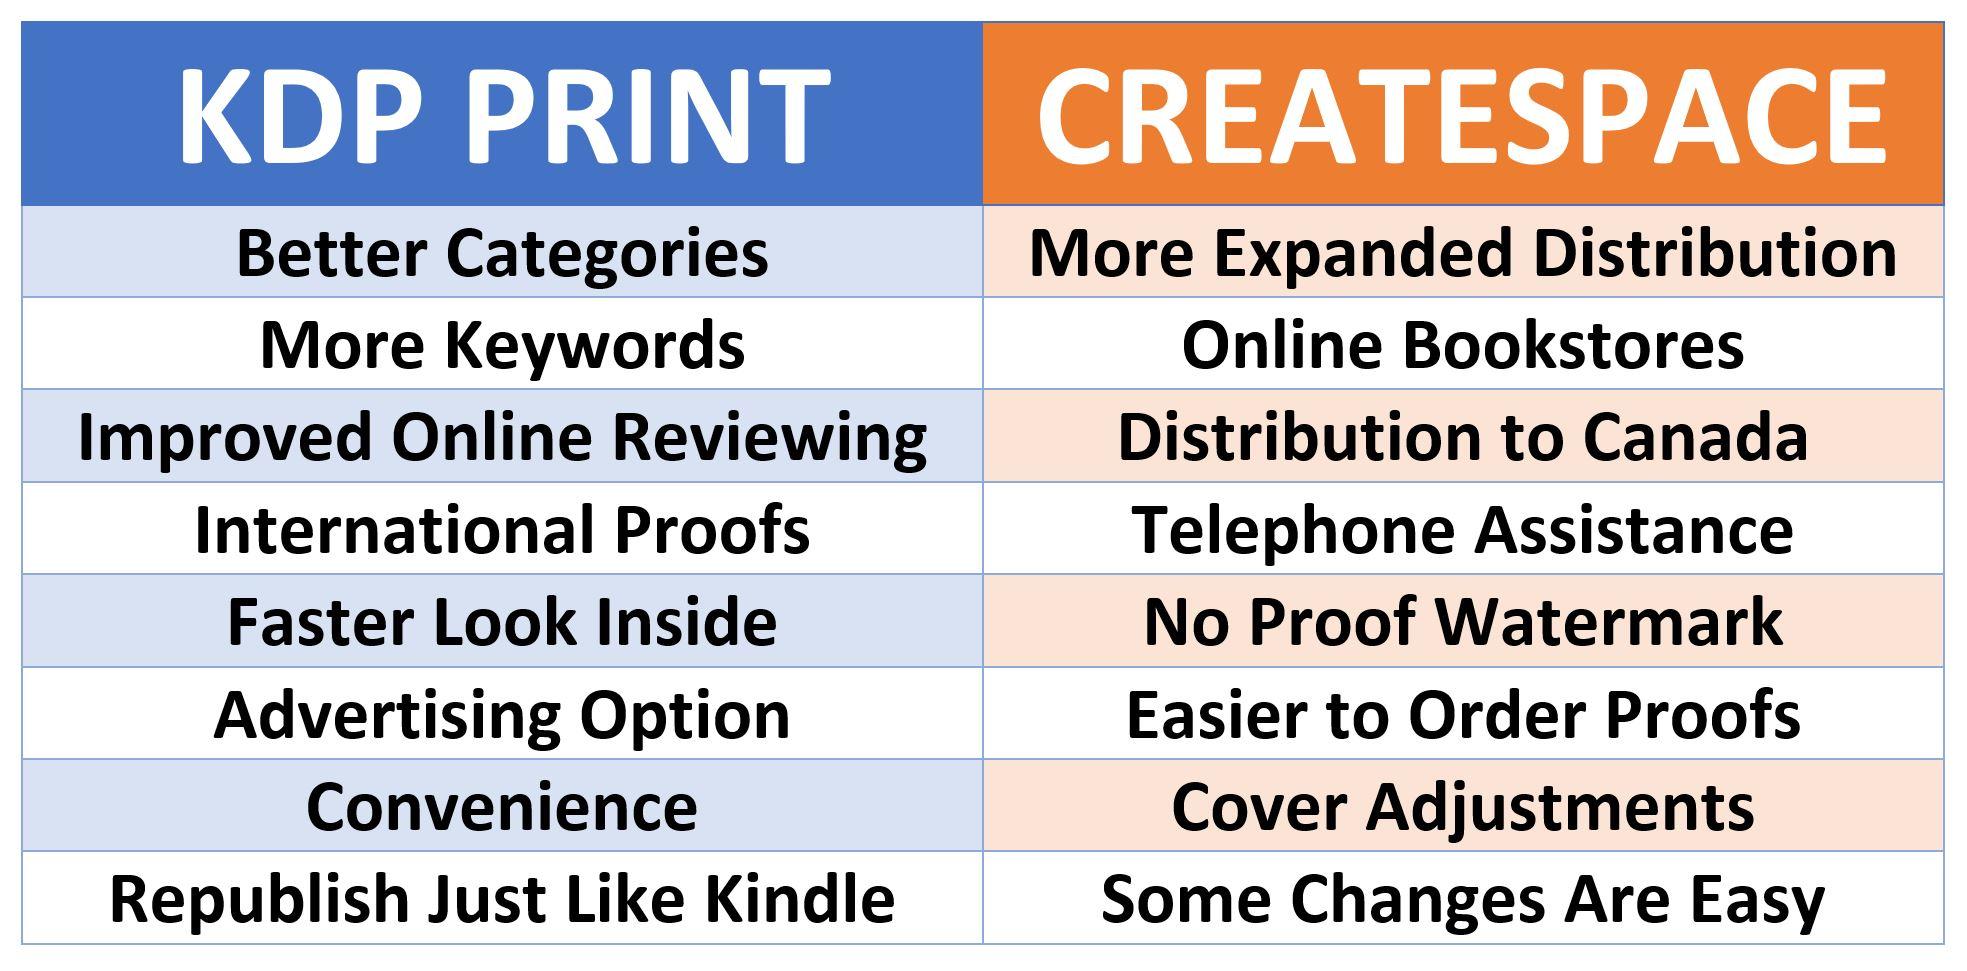 Kdp Print Vs Createspace Comparing The Little Details Chrismcmullen